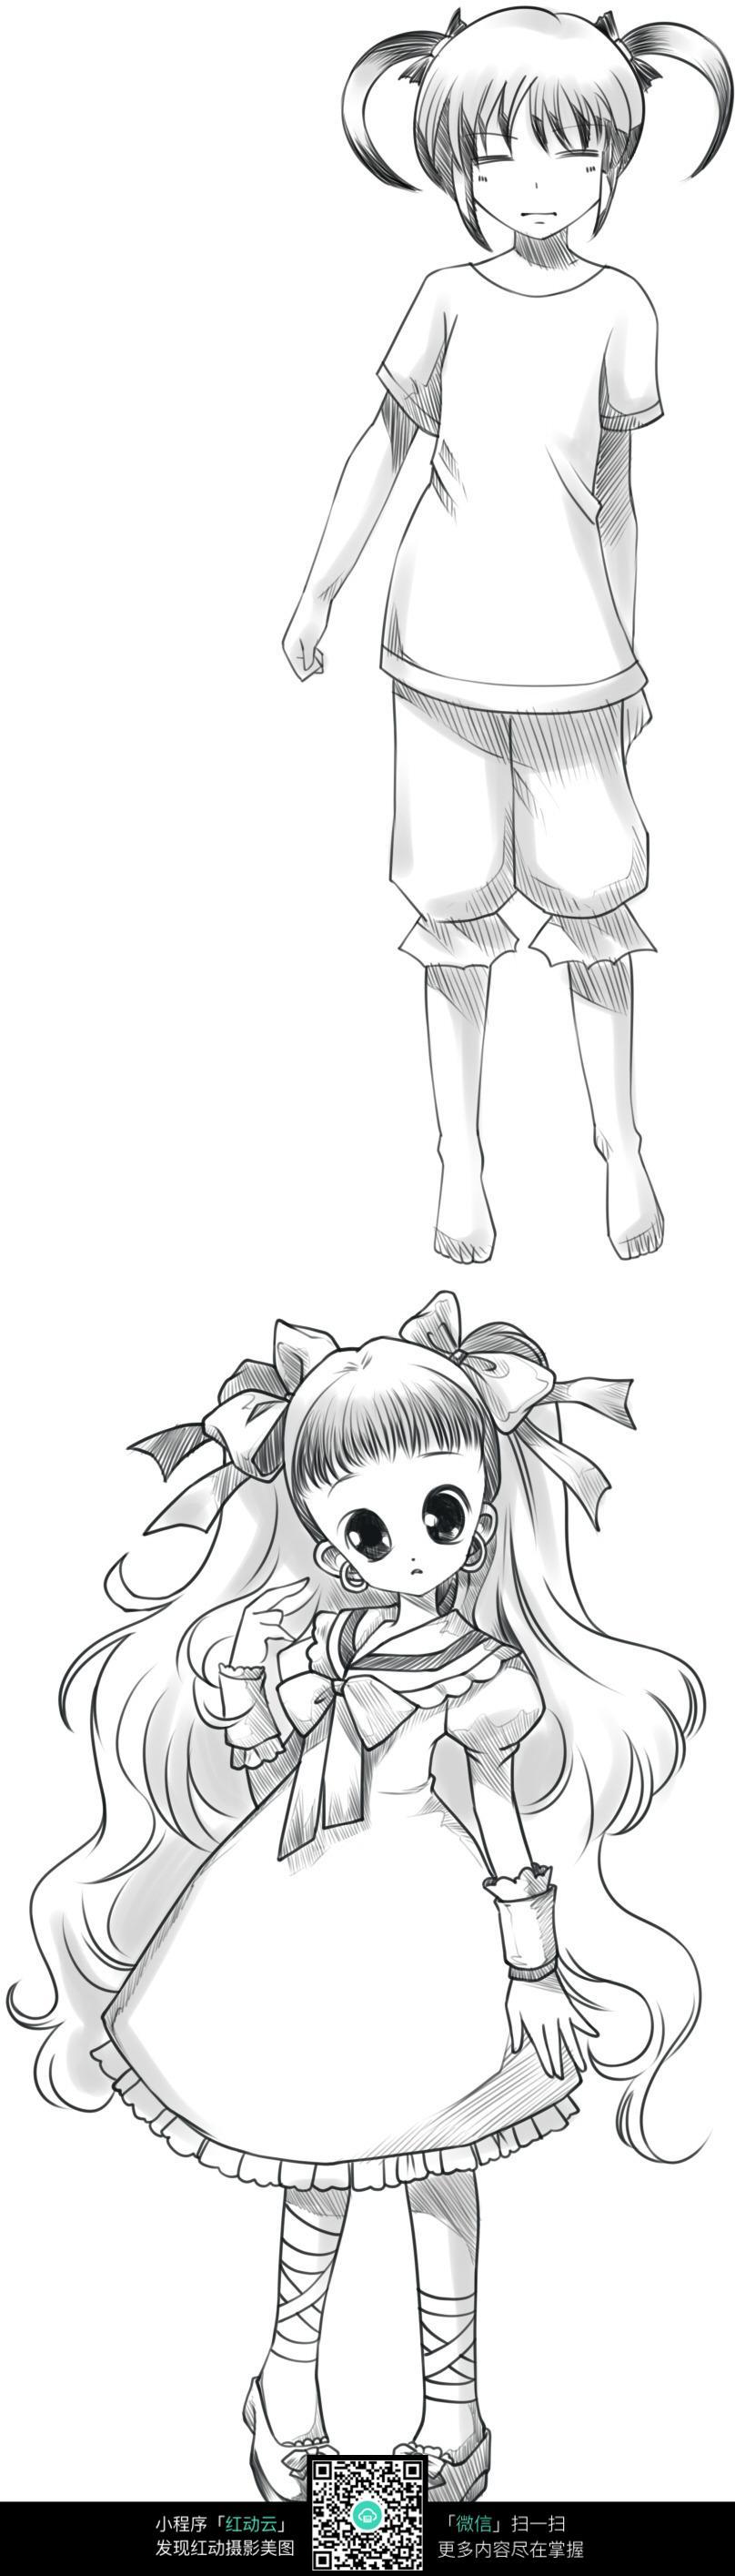 可爱 女孩 卡通 手绘线稿 卡通人物 漫画  卡通素材  插画 人物素材